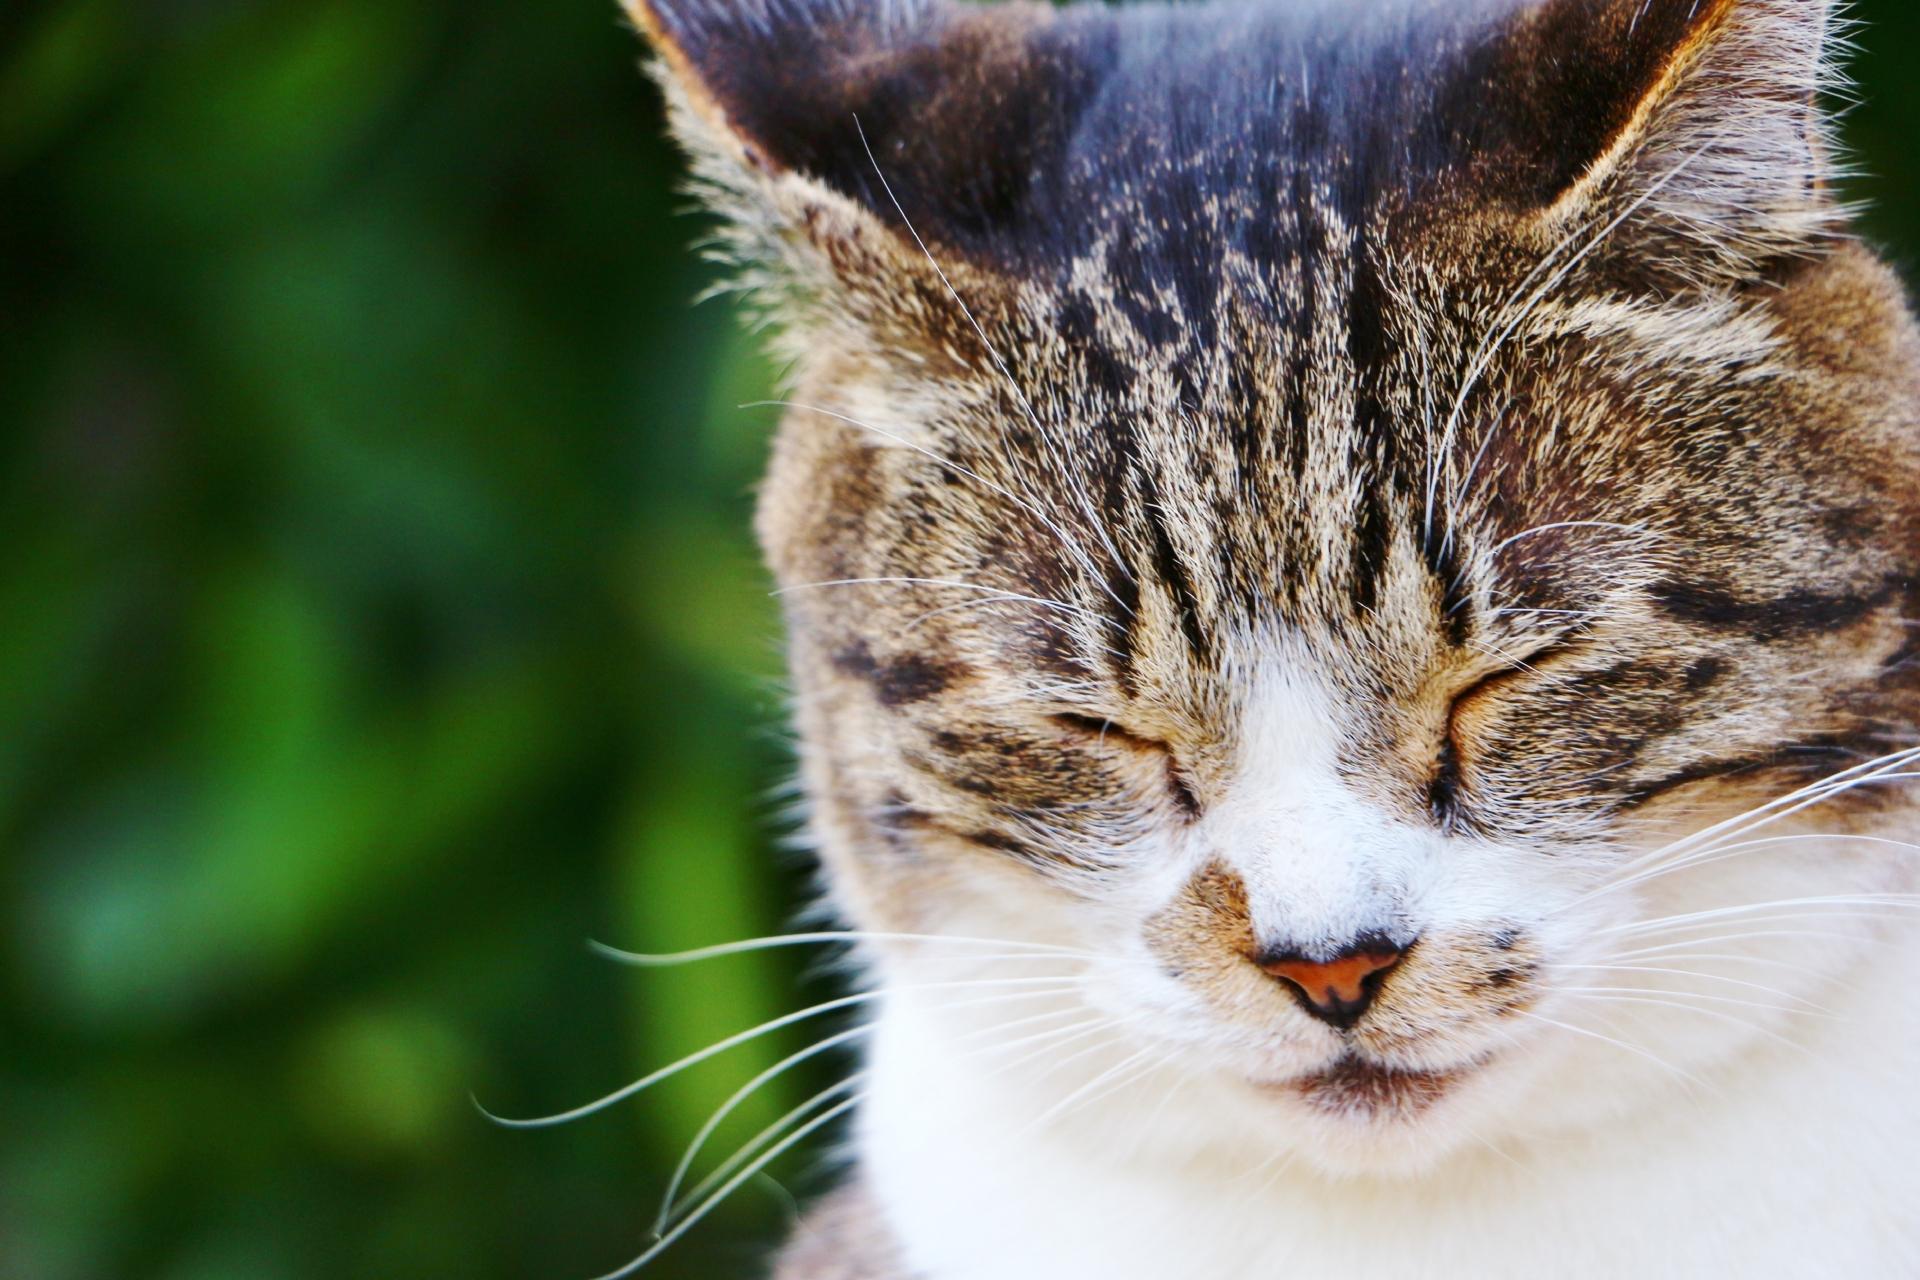 頷く猫.jpg